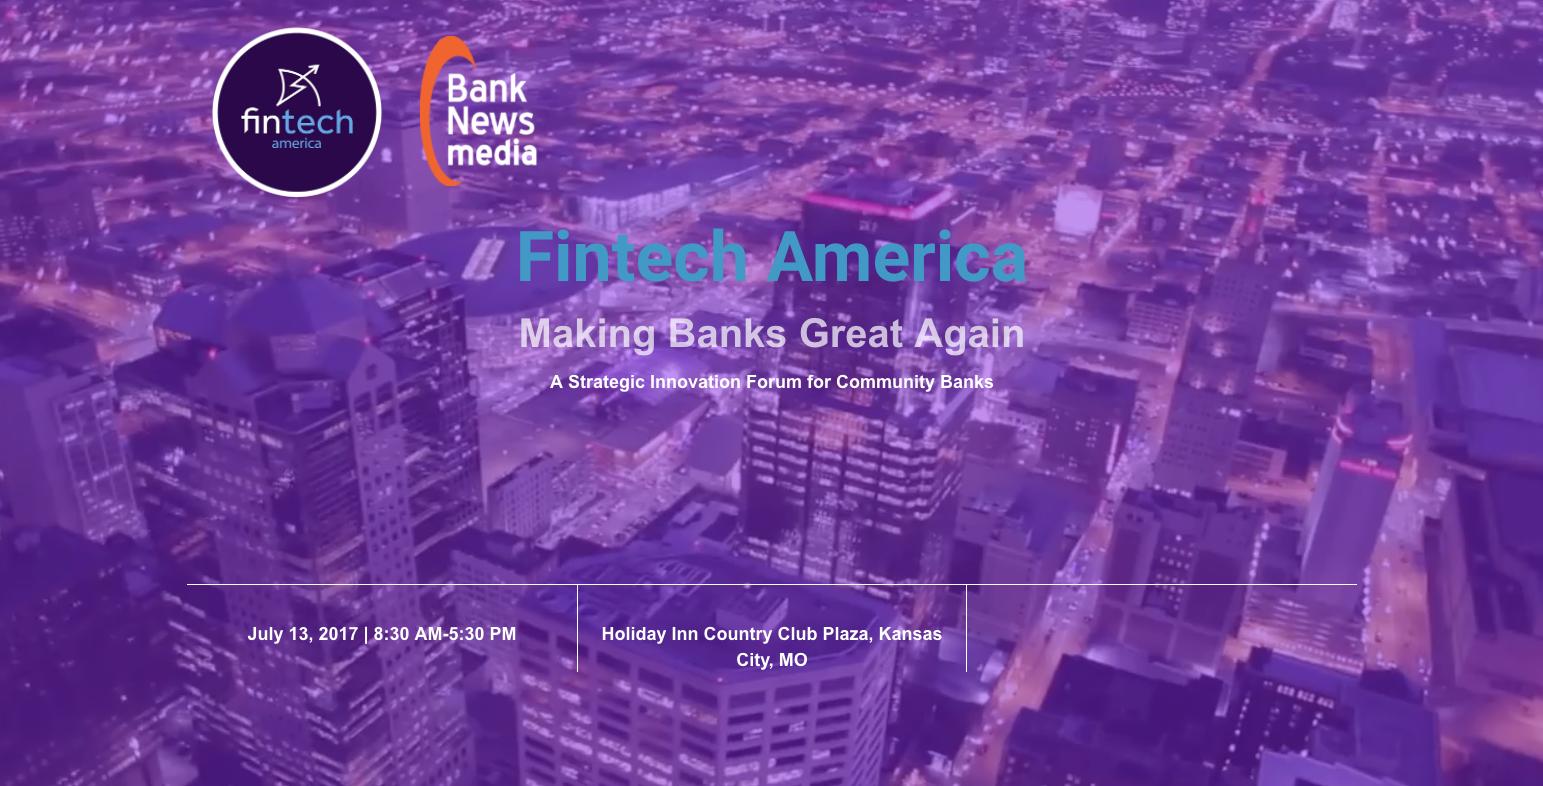 Fintech America